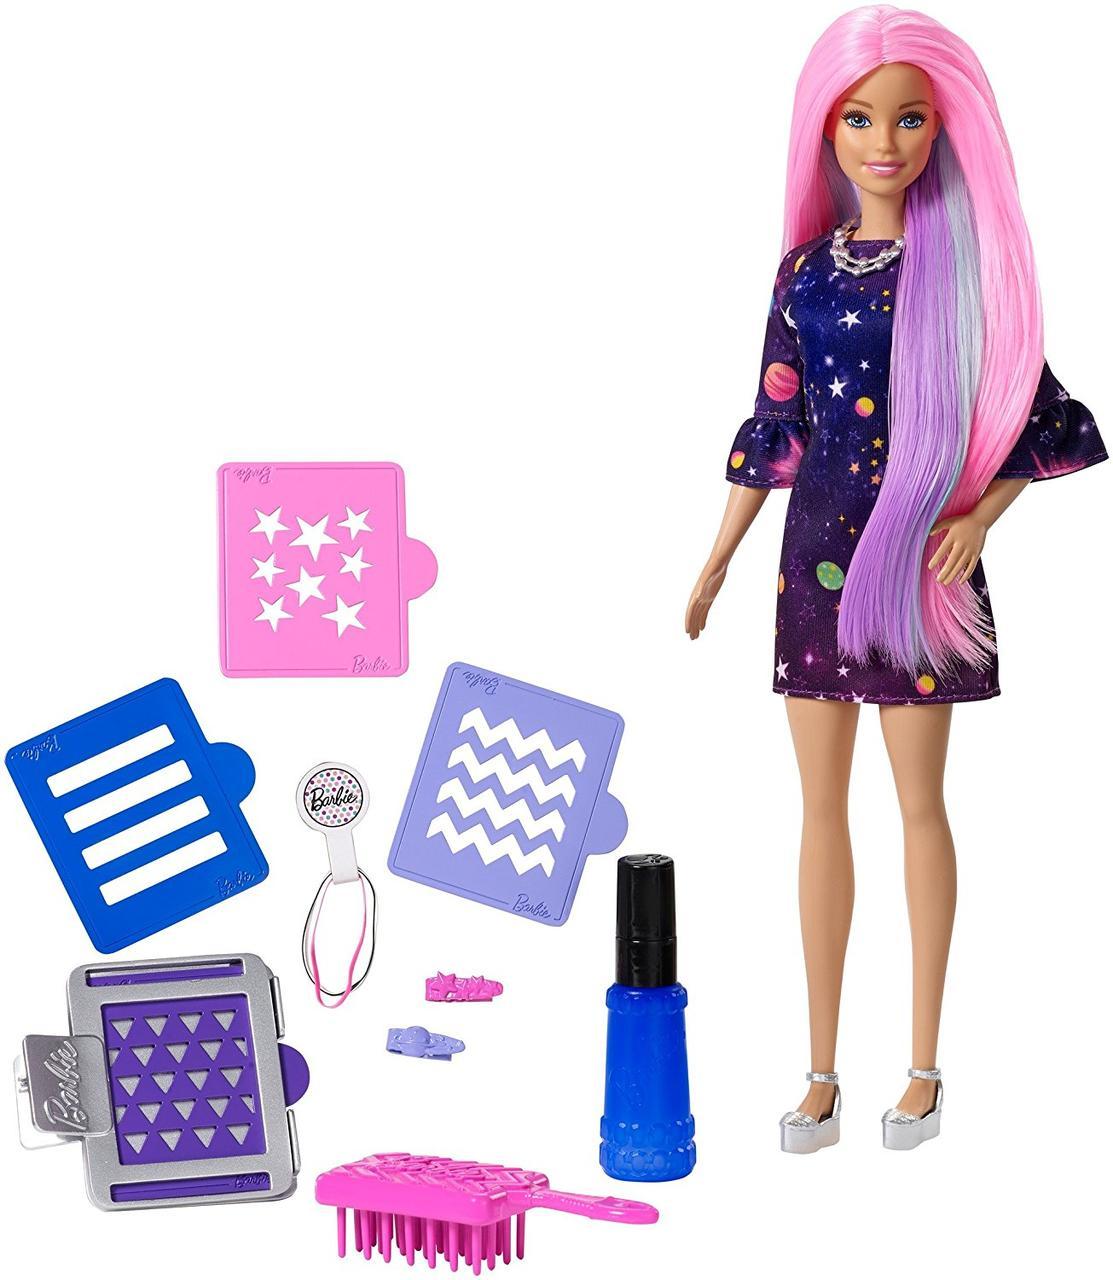 Кукла Барби Цветной сюрприз Barbie Color Surprise Doll, Pink